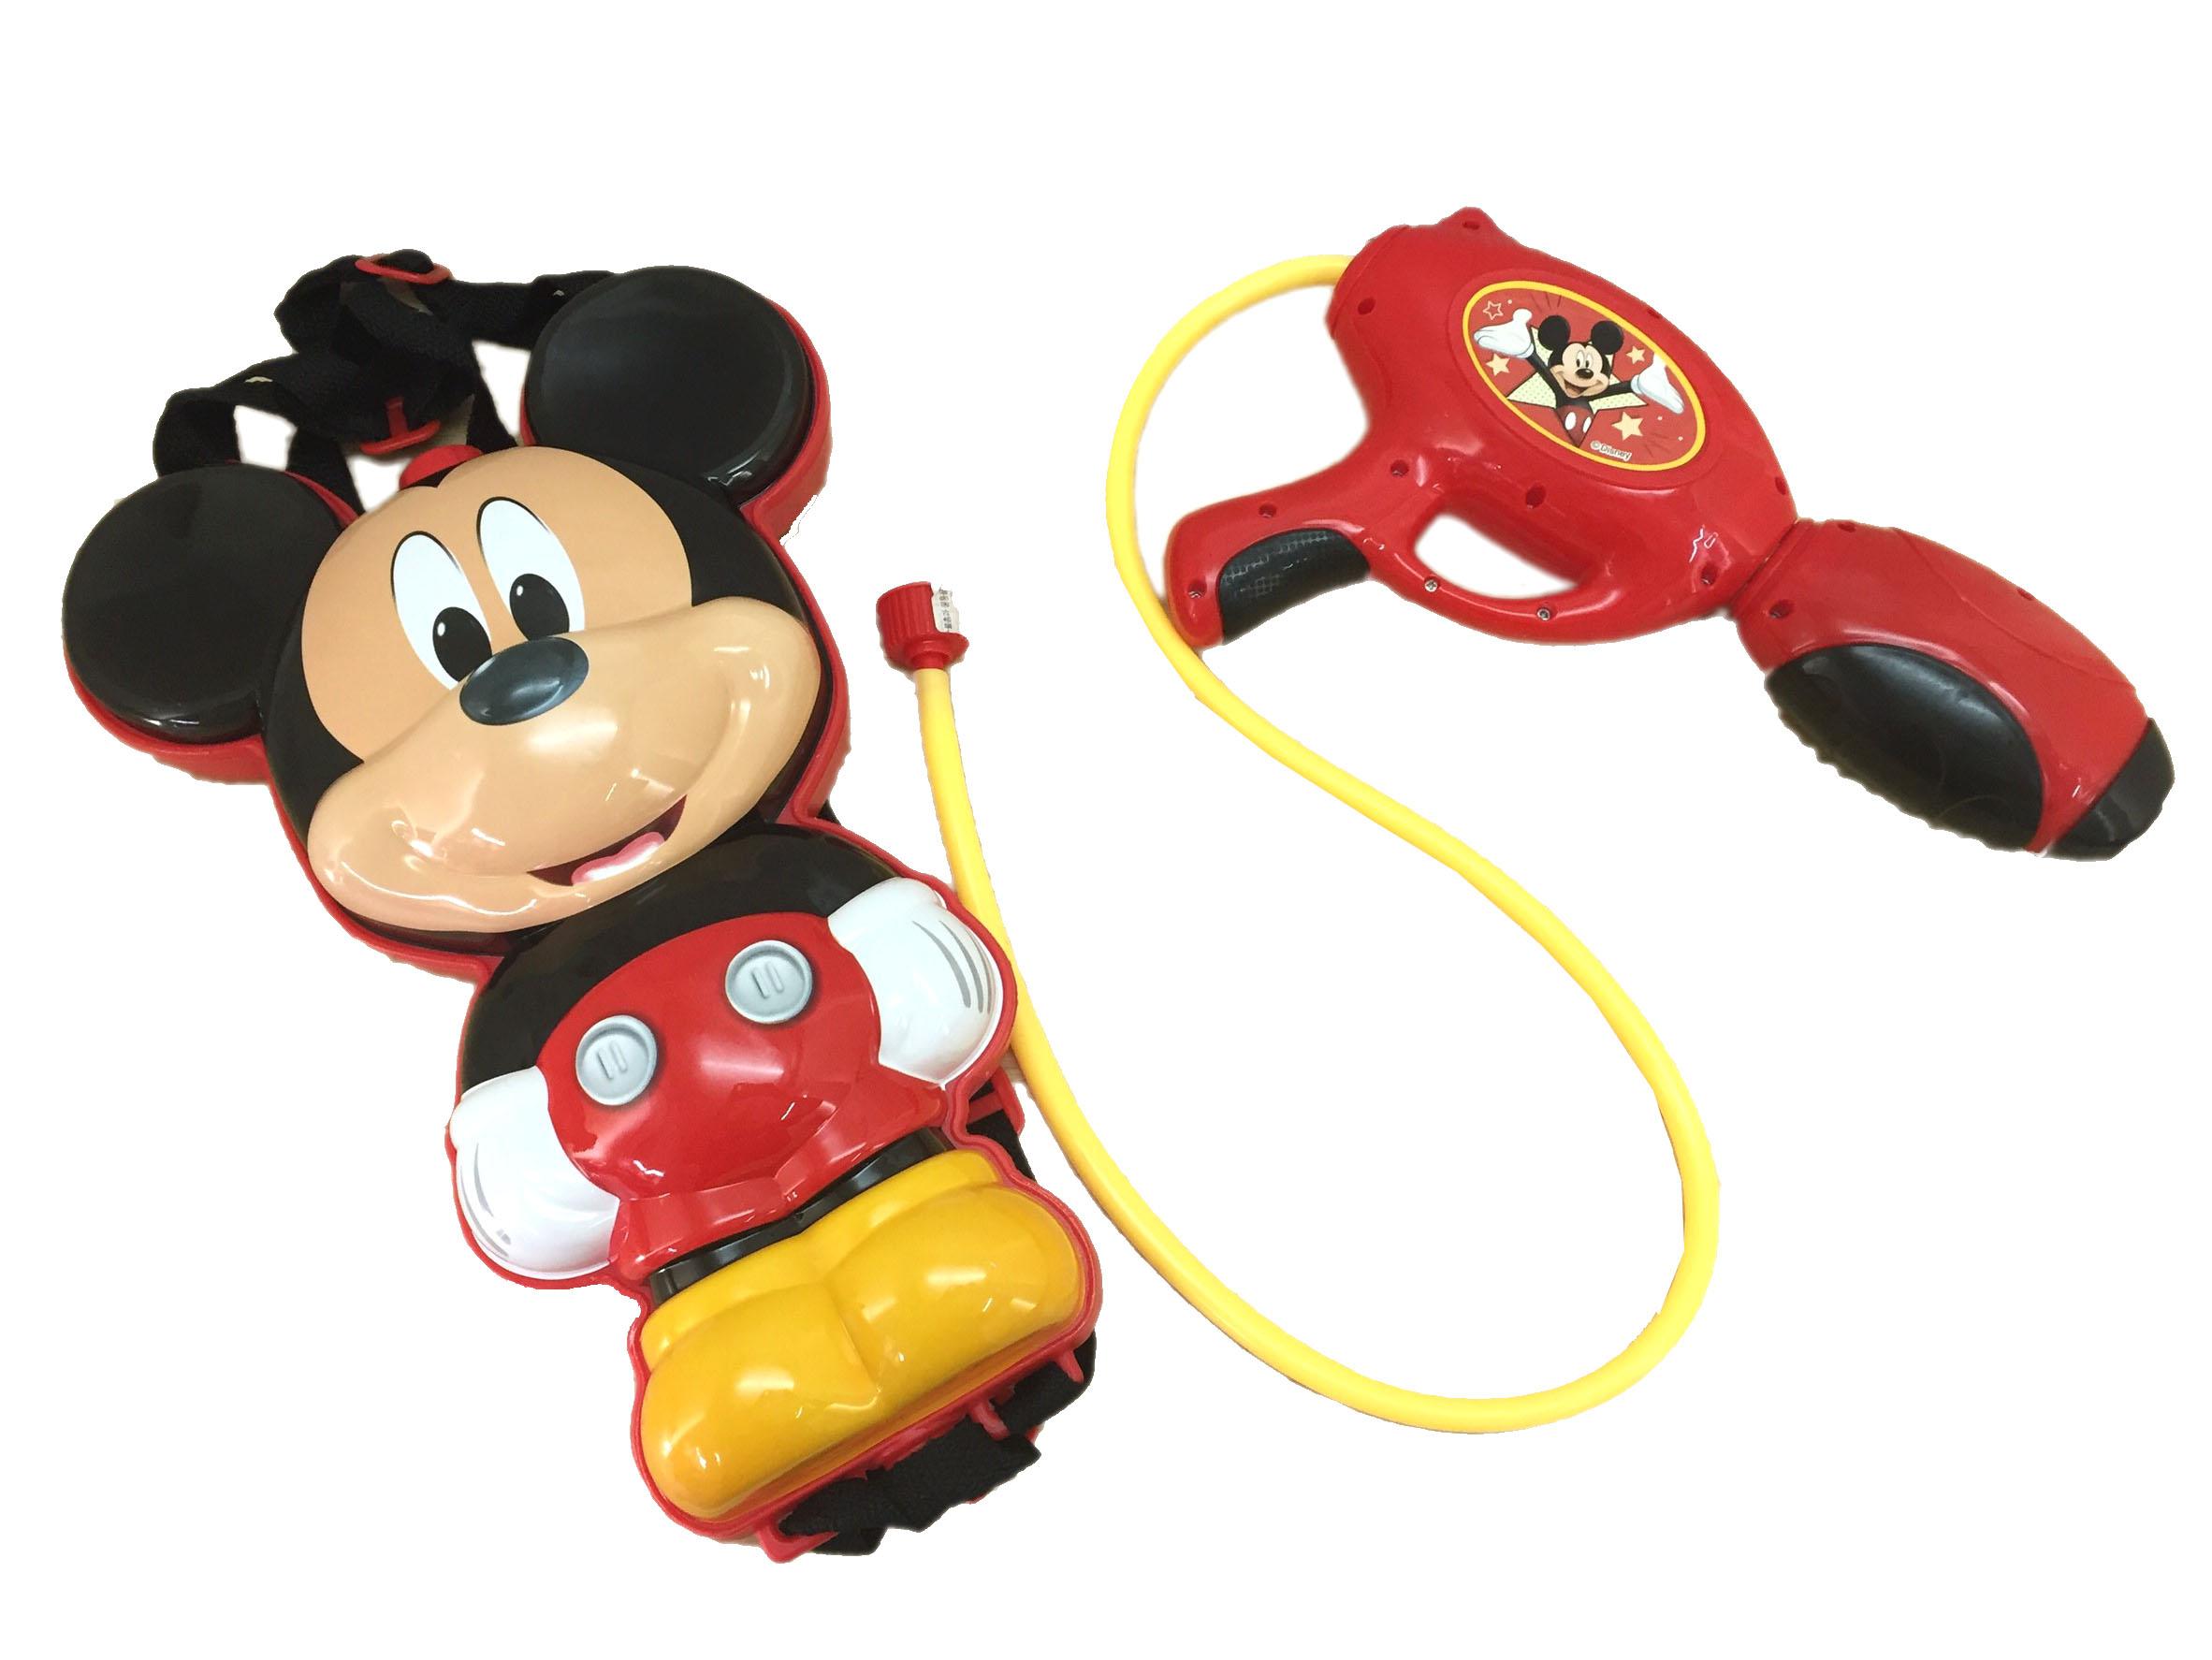 【真愛日本】16071300013後背包水槍玩具-MK立體娃 迪士尼 米老鼠米奇 米妮  兒童玩具 正品 限量